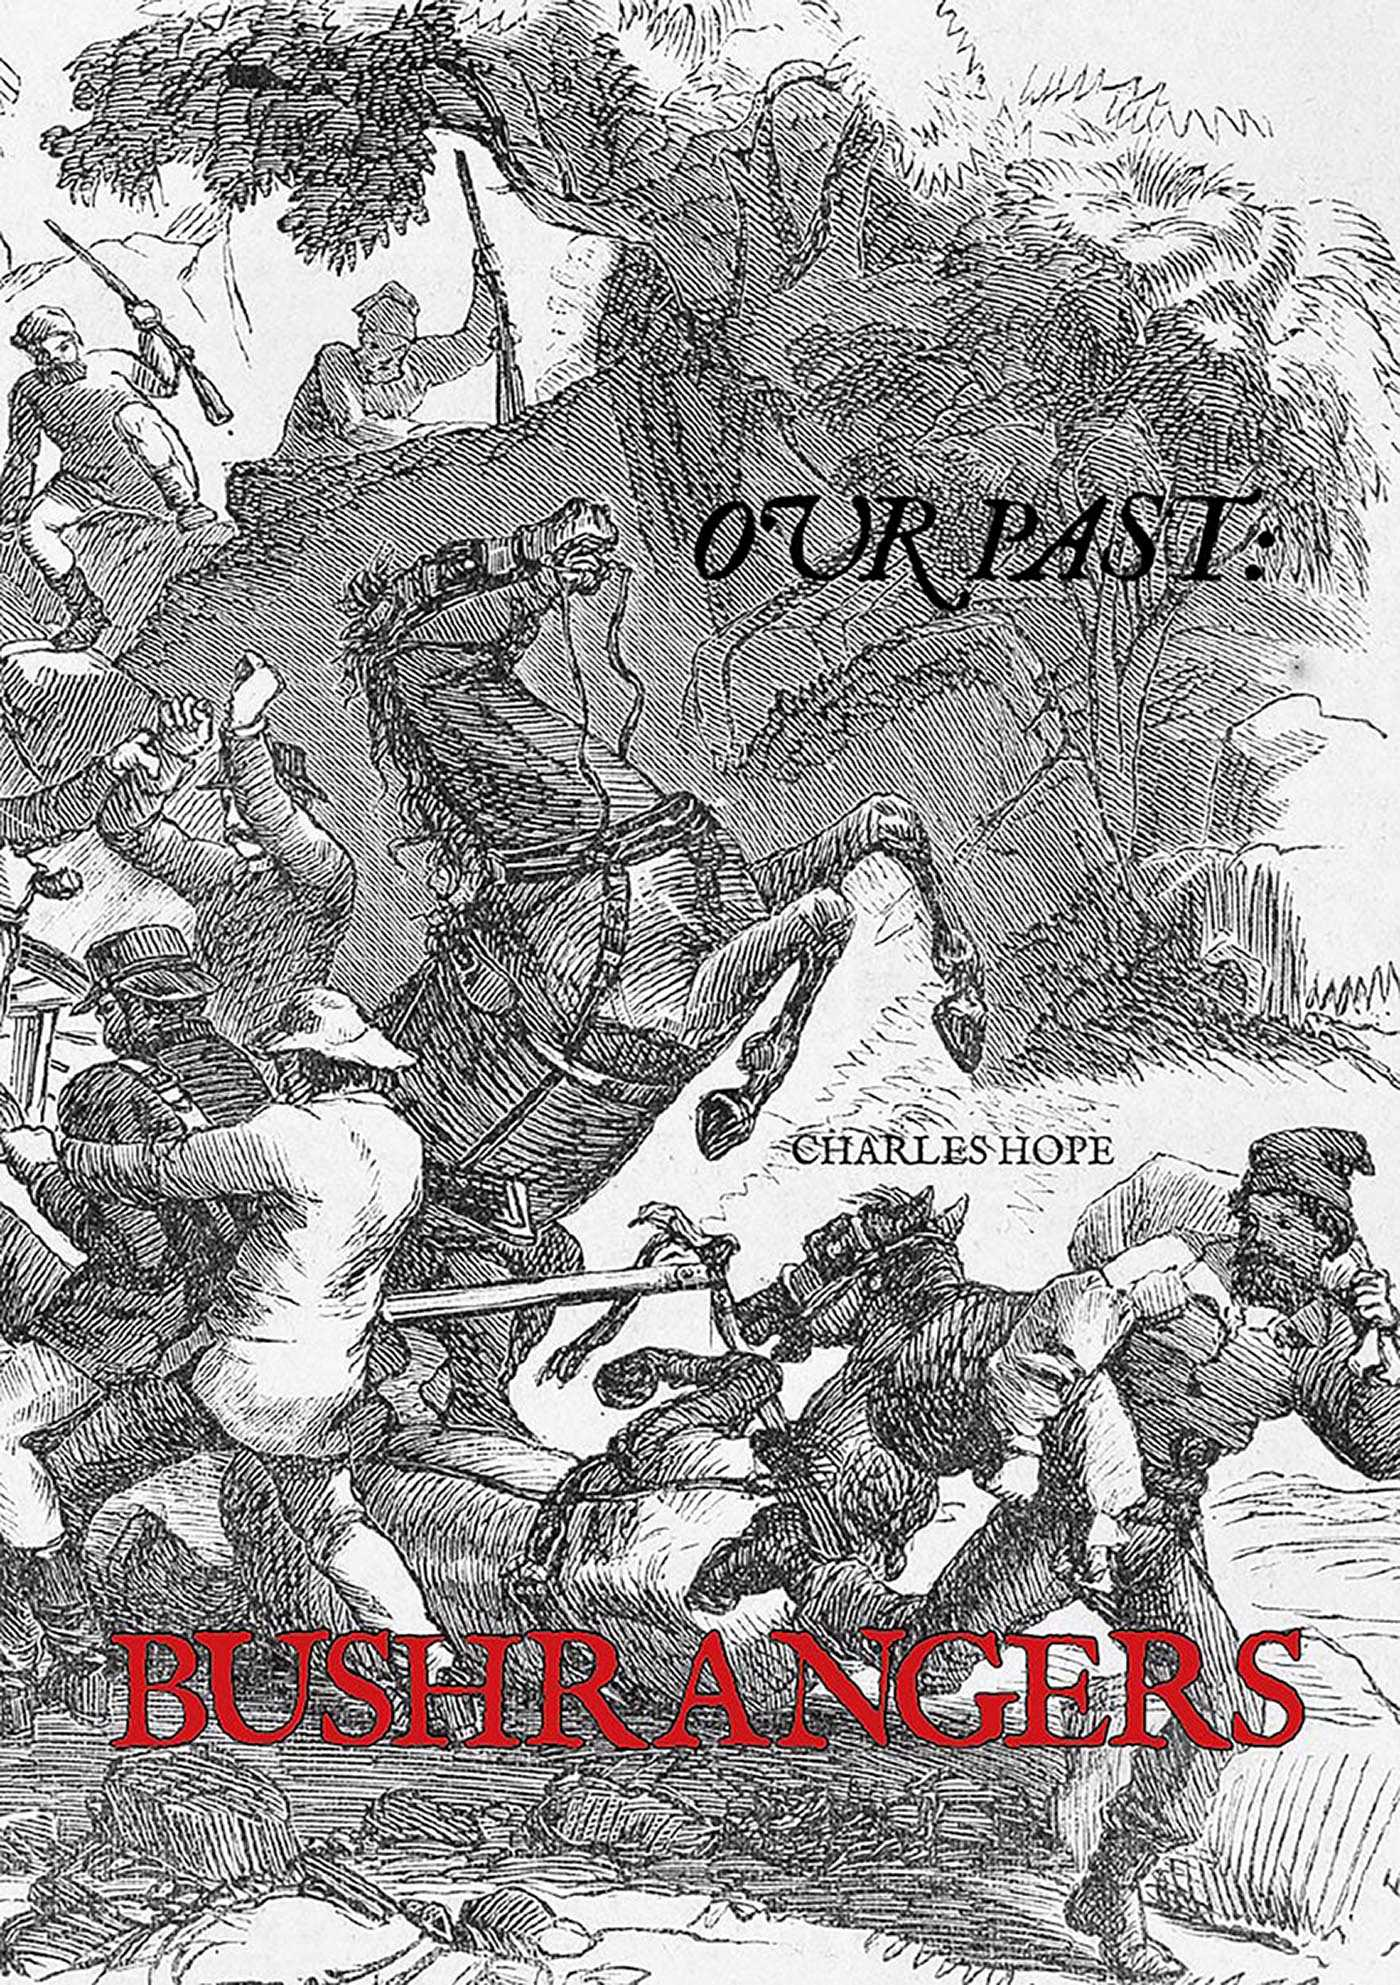 Bushrangers: Our Past